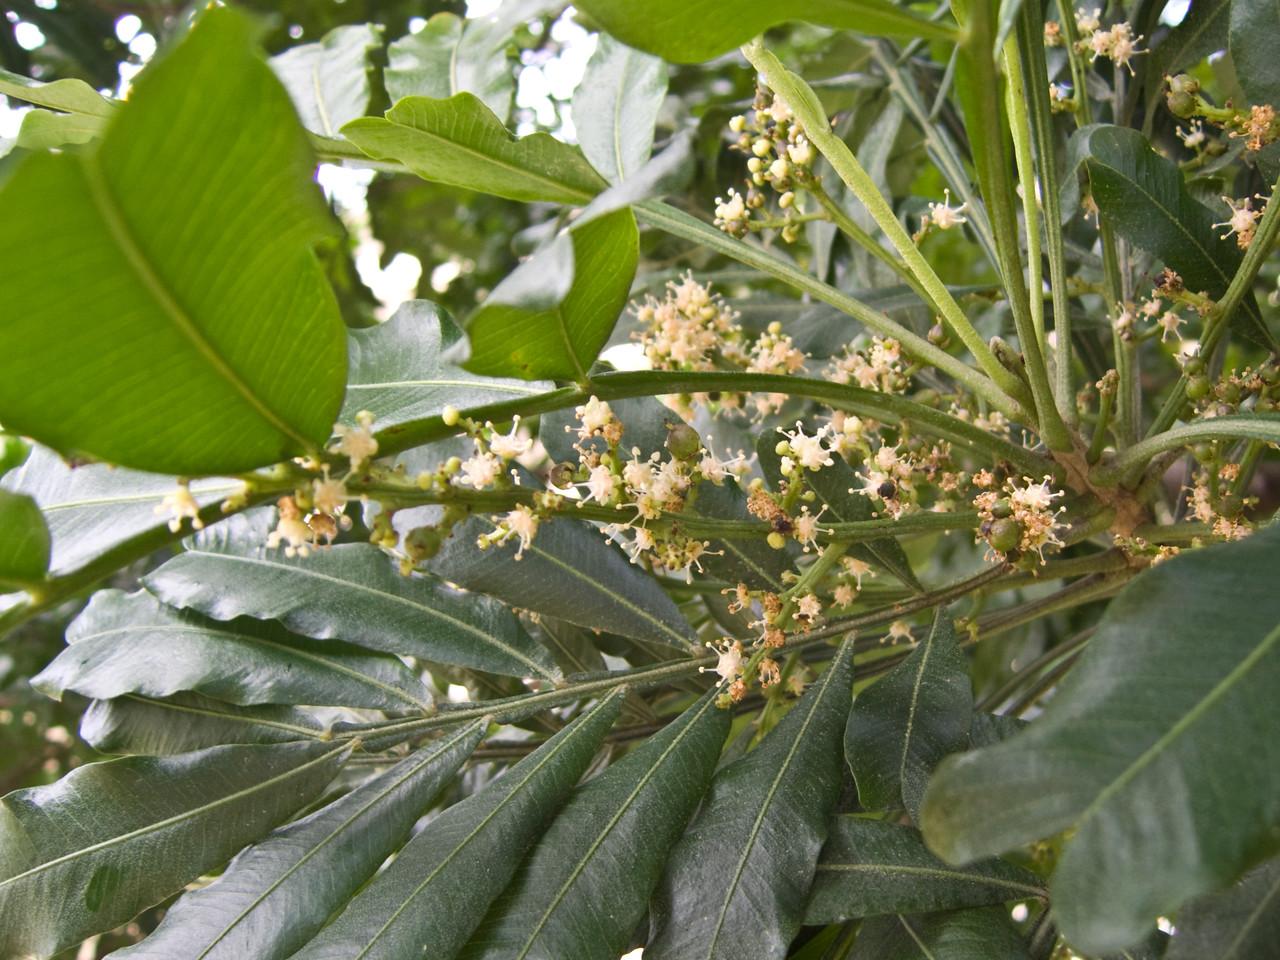 Filicium decipiens (Sapindaceae) (flowers & leaves) planted ornamentally in Honolulu.